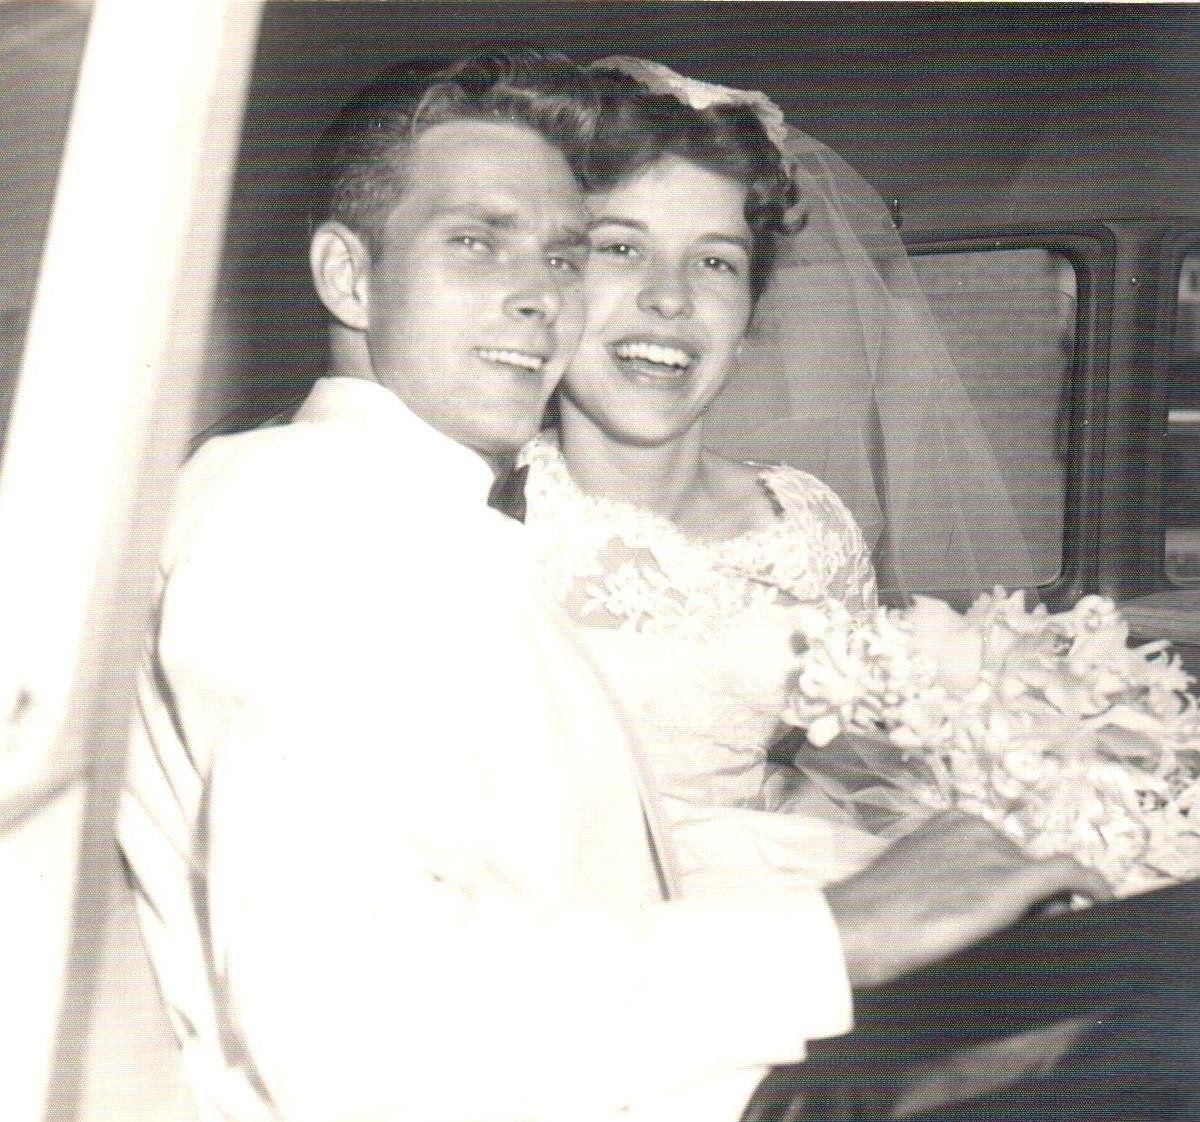 Bill and Pat Olwig